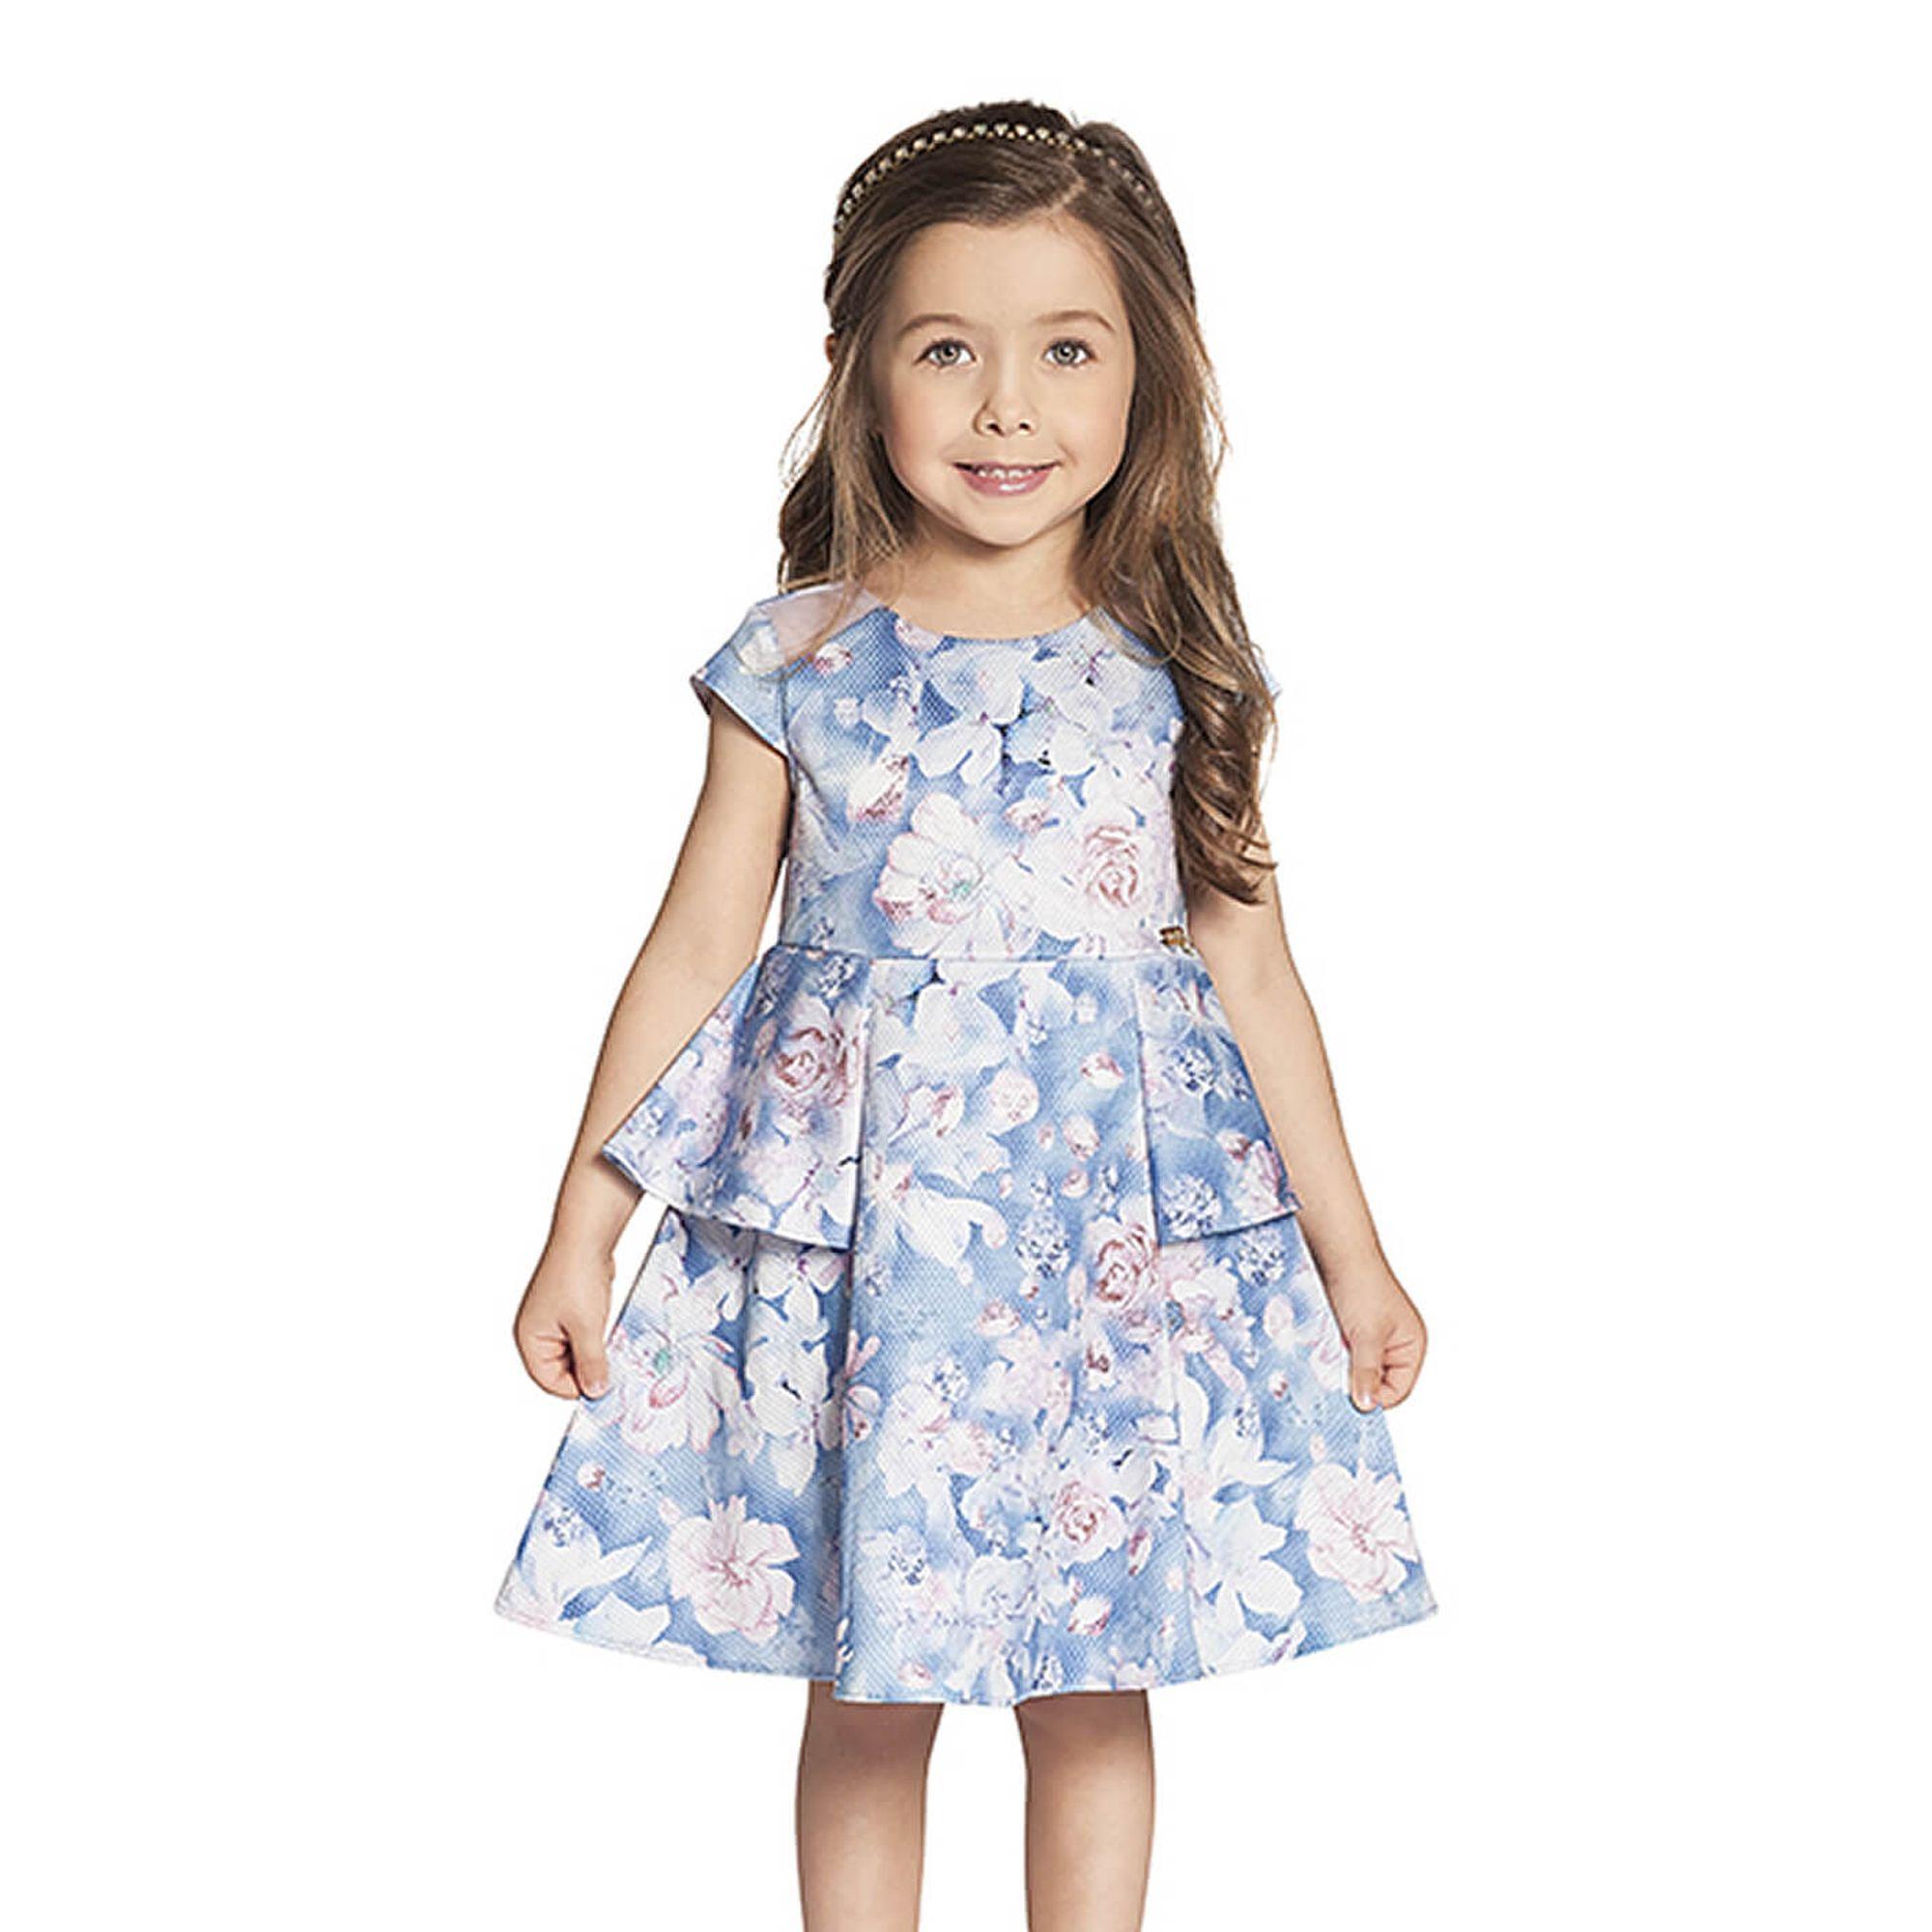 219d89ff3267a6 Vestido Infantil Meia Manga Estampa Flores Azul Claro e Rosa ...